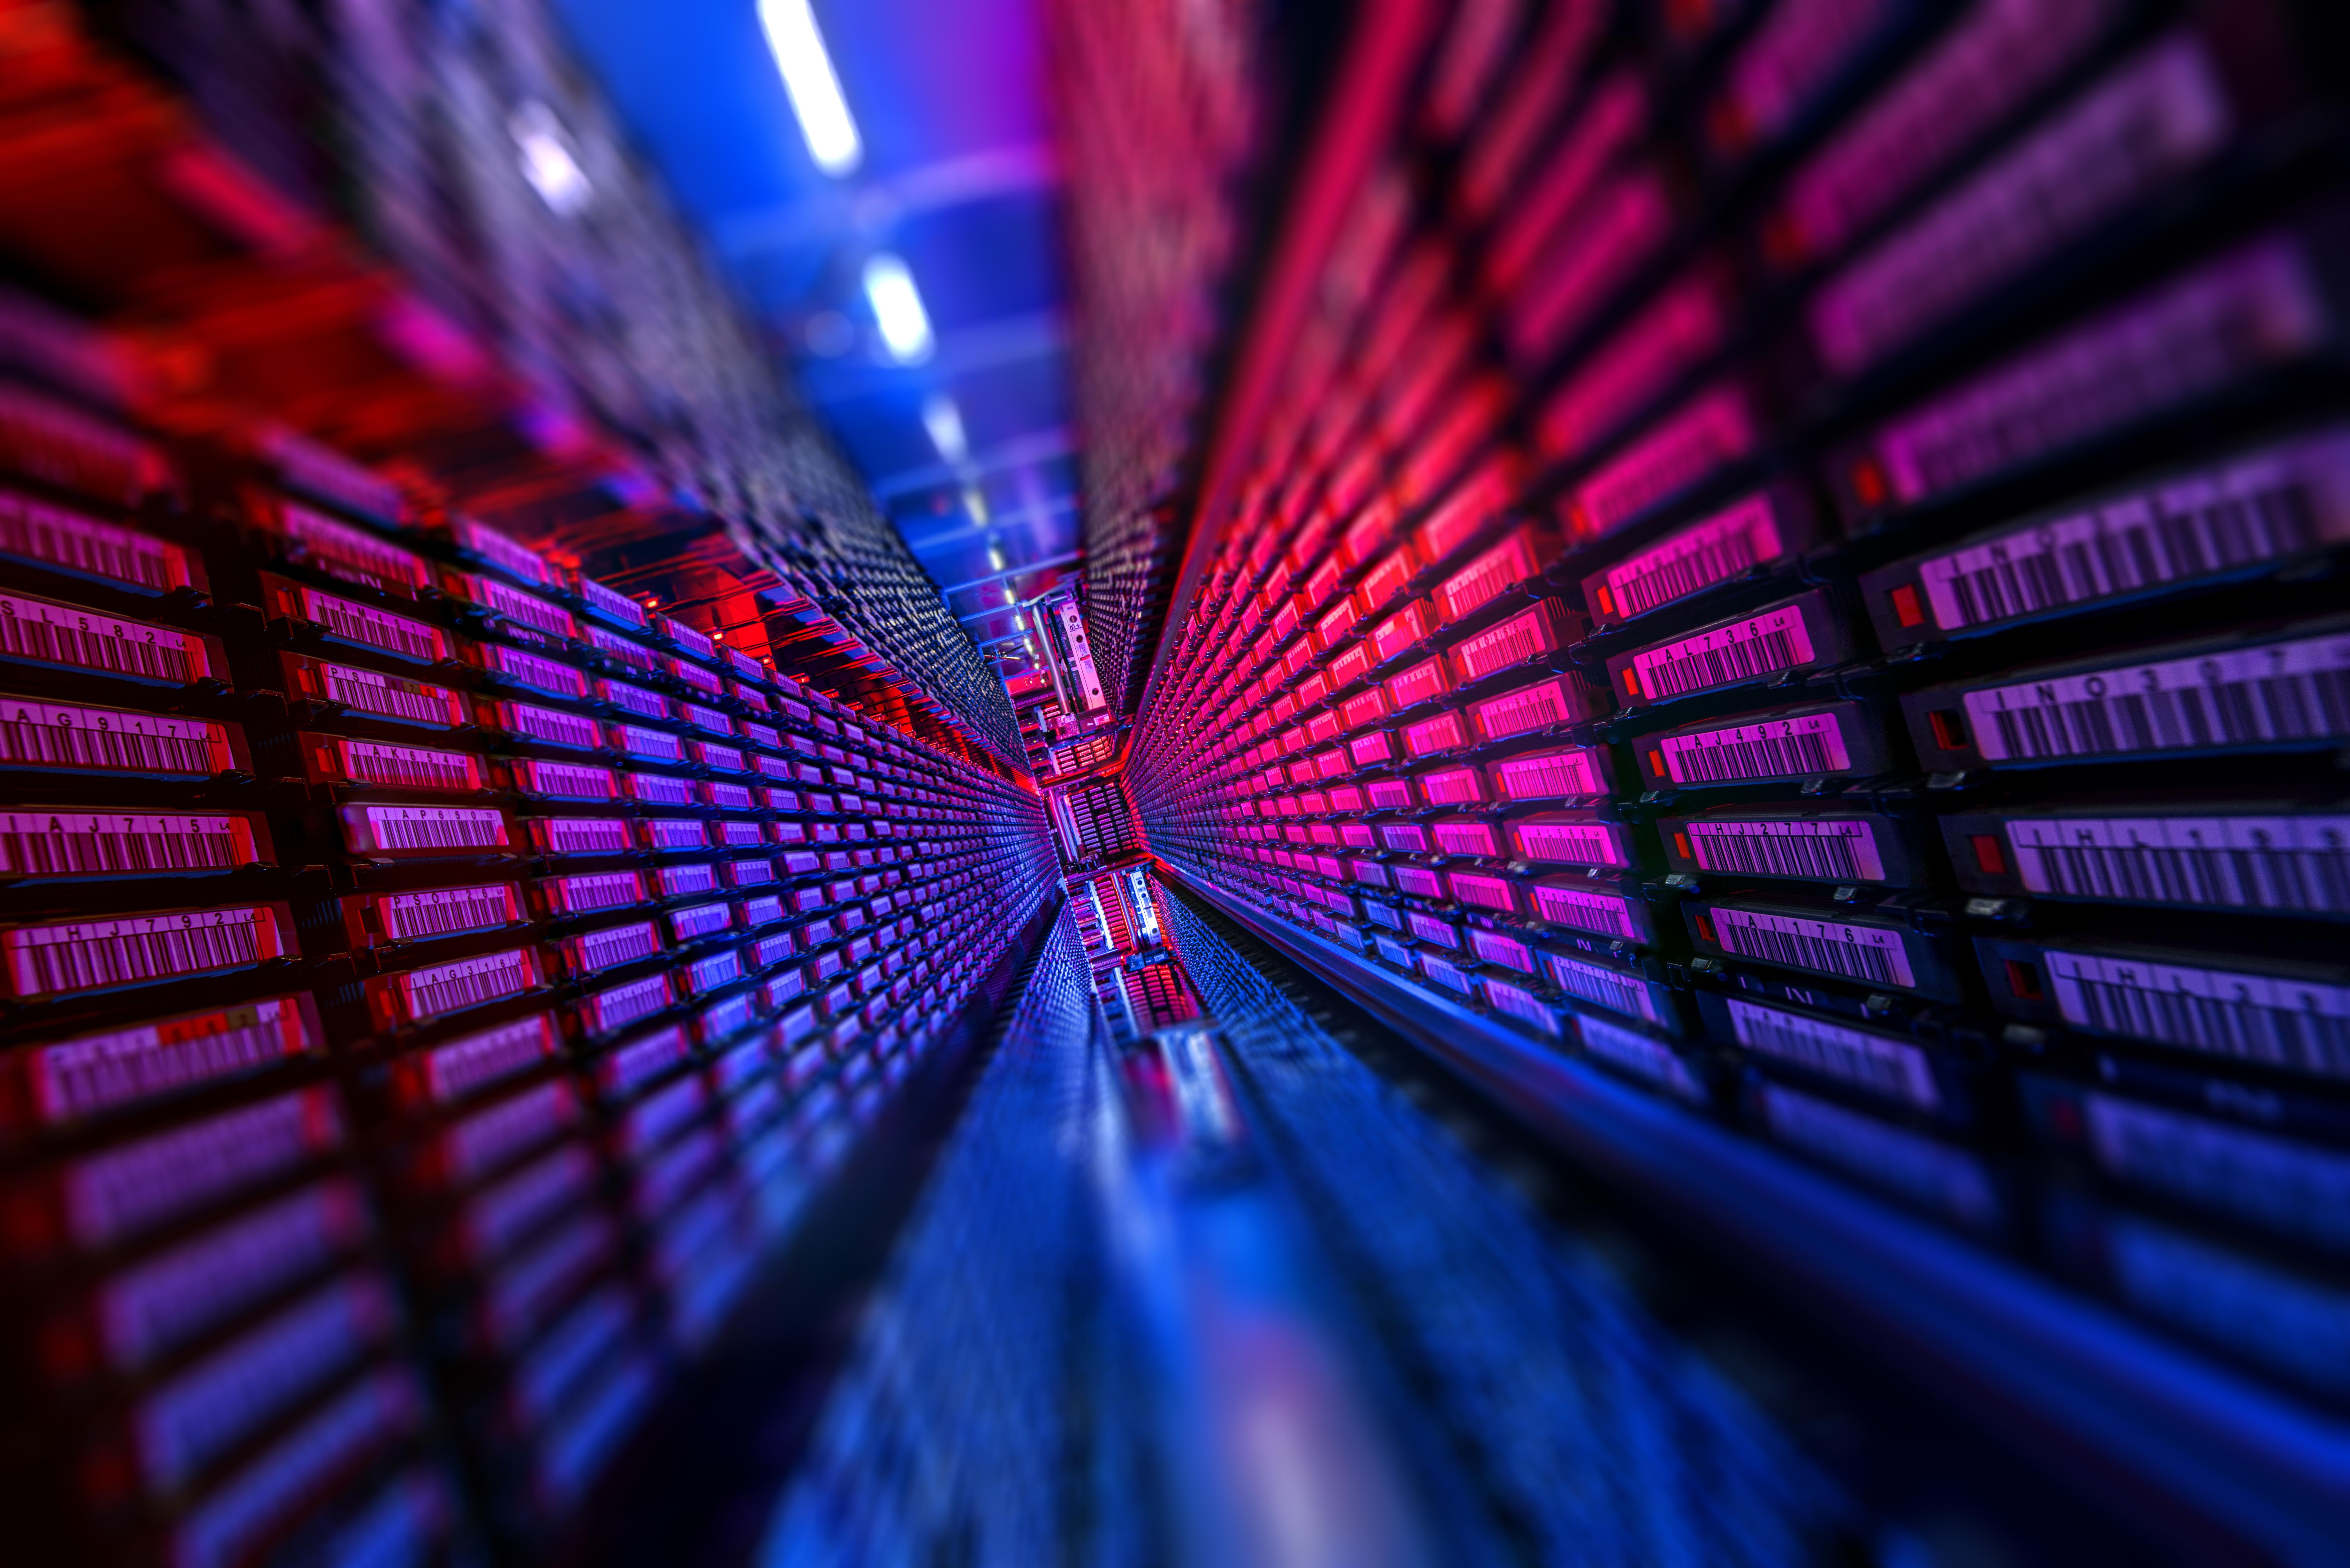 5 tecnologías emergentes para acelerar la transformación digital